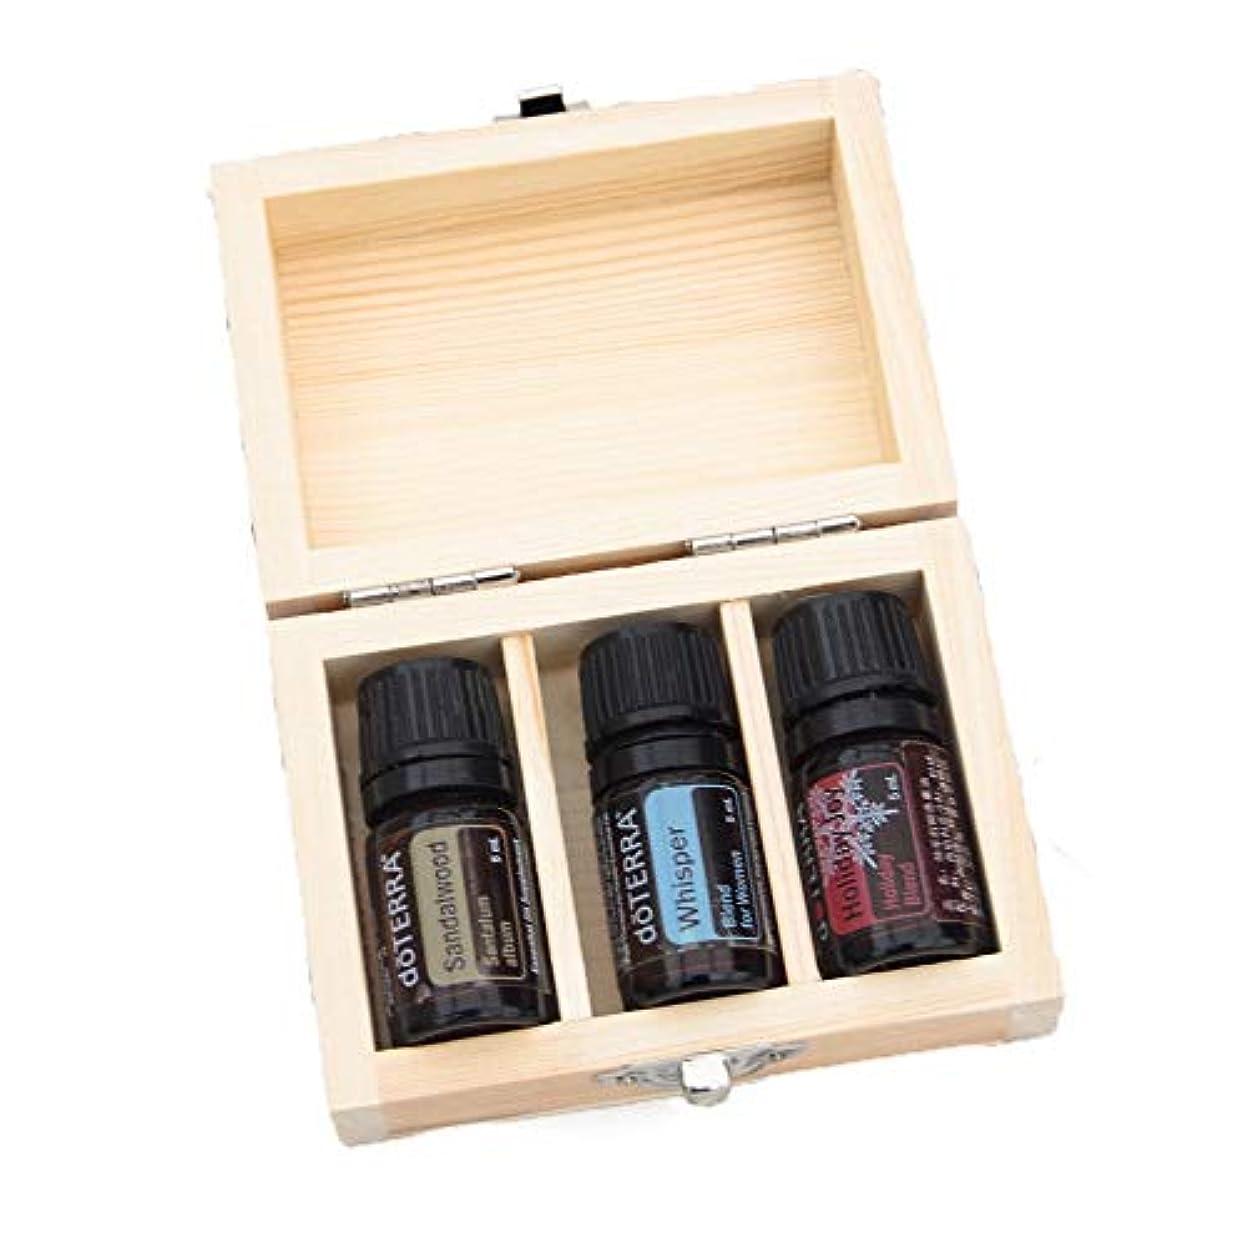 元気りんごすすり泣きエッセンシャルオイルストレージボックス 木製のエッセンシャルオイルストアボックスケースオーガナイザーは3本の5ミリリットル油のボトルを保持します 旅行およびプレゼンテーション用 (色 : Natural, サイズ : 10X7X4.1CM)